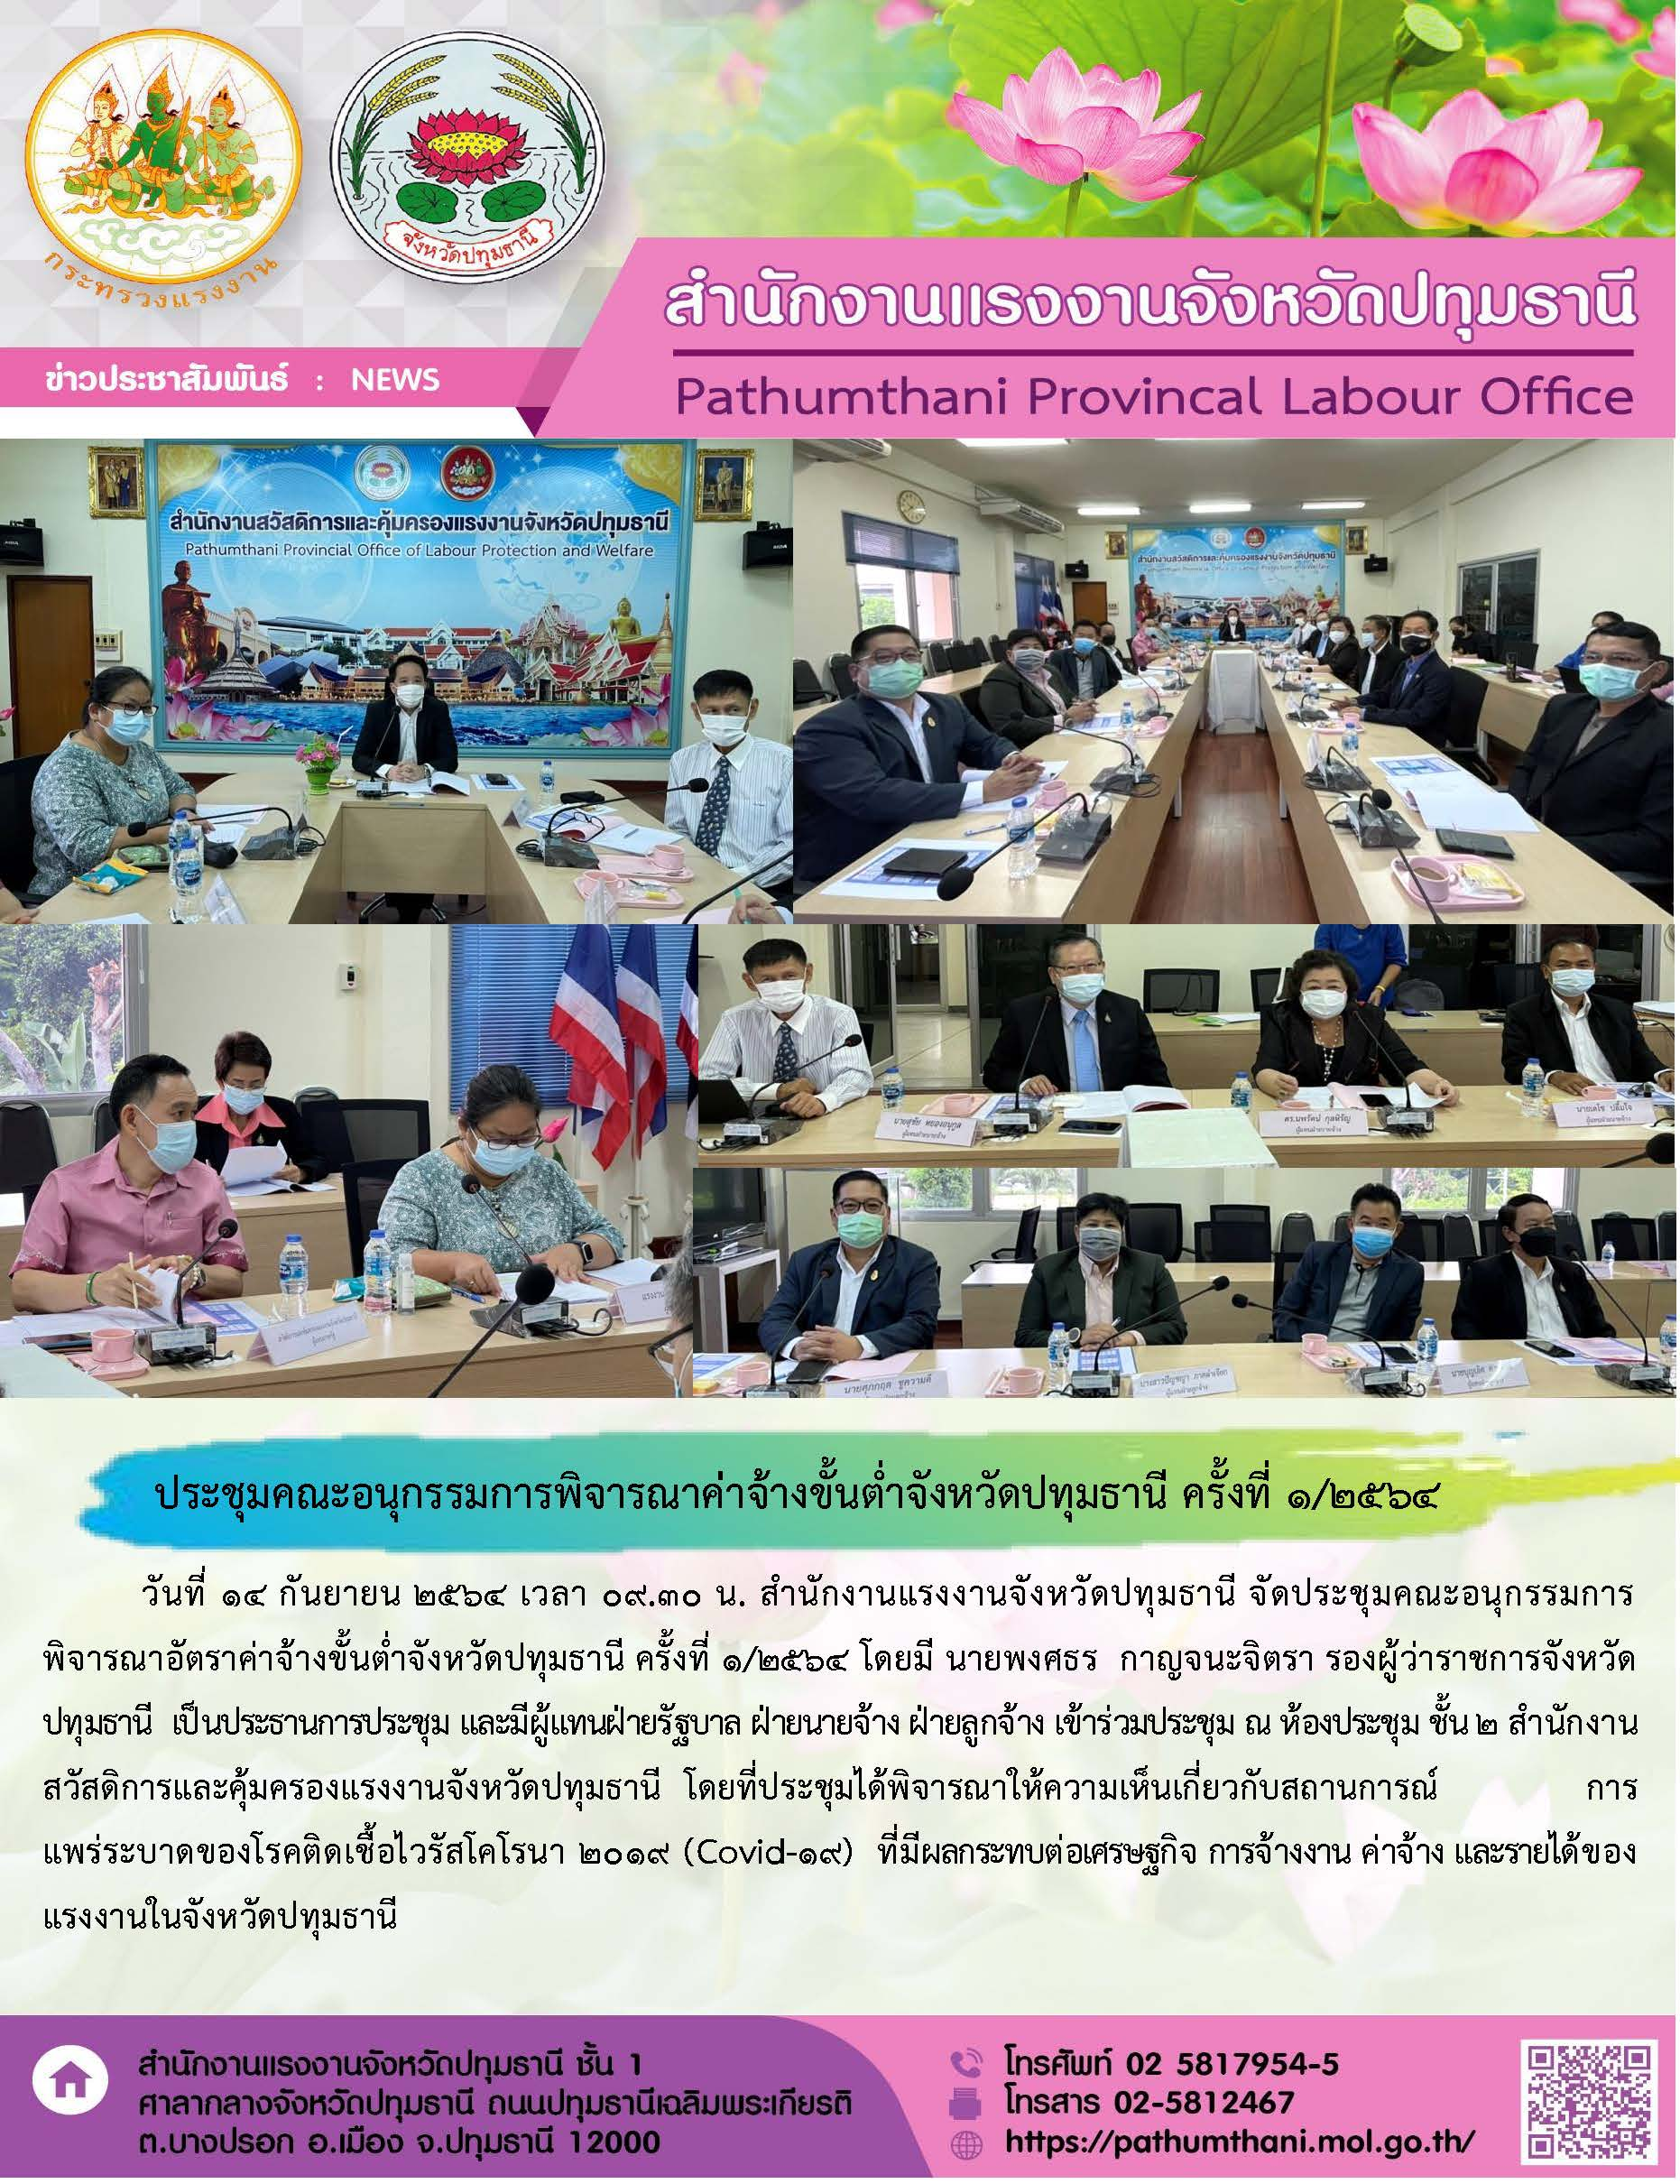 ประชุมคณะอนุกรรมการพิจารณาค่าจ้างขั้นต่ำจังหวัดปทุมธานี ครั้งที่ 1/2564